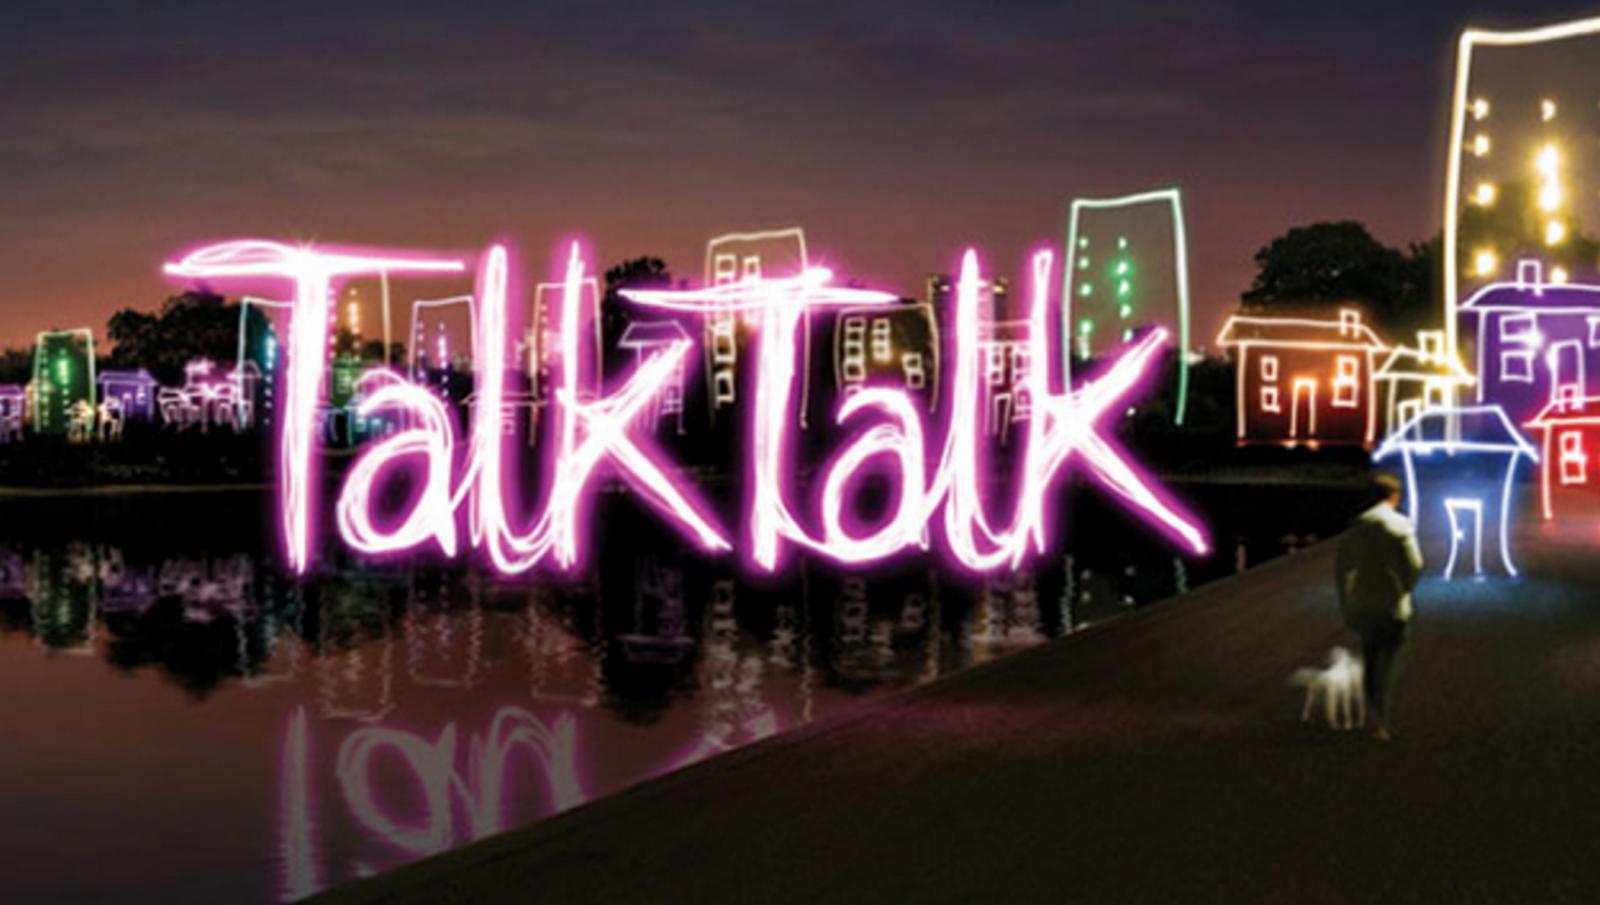 Talktalk Hack Internet Providers Storing Browsing History